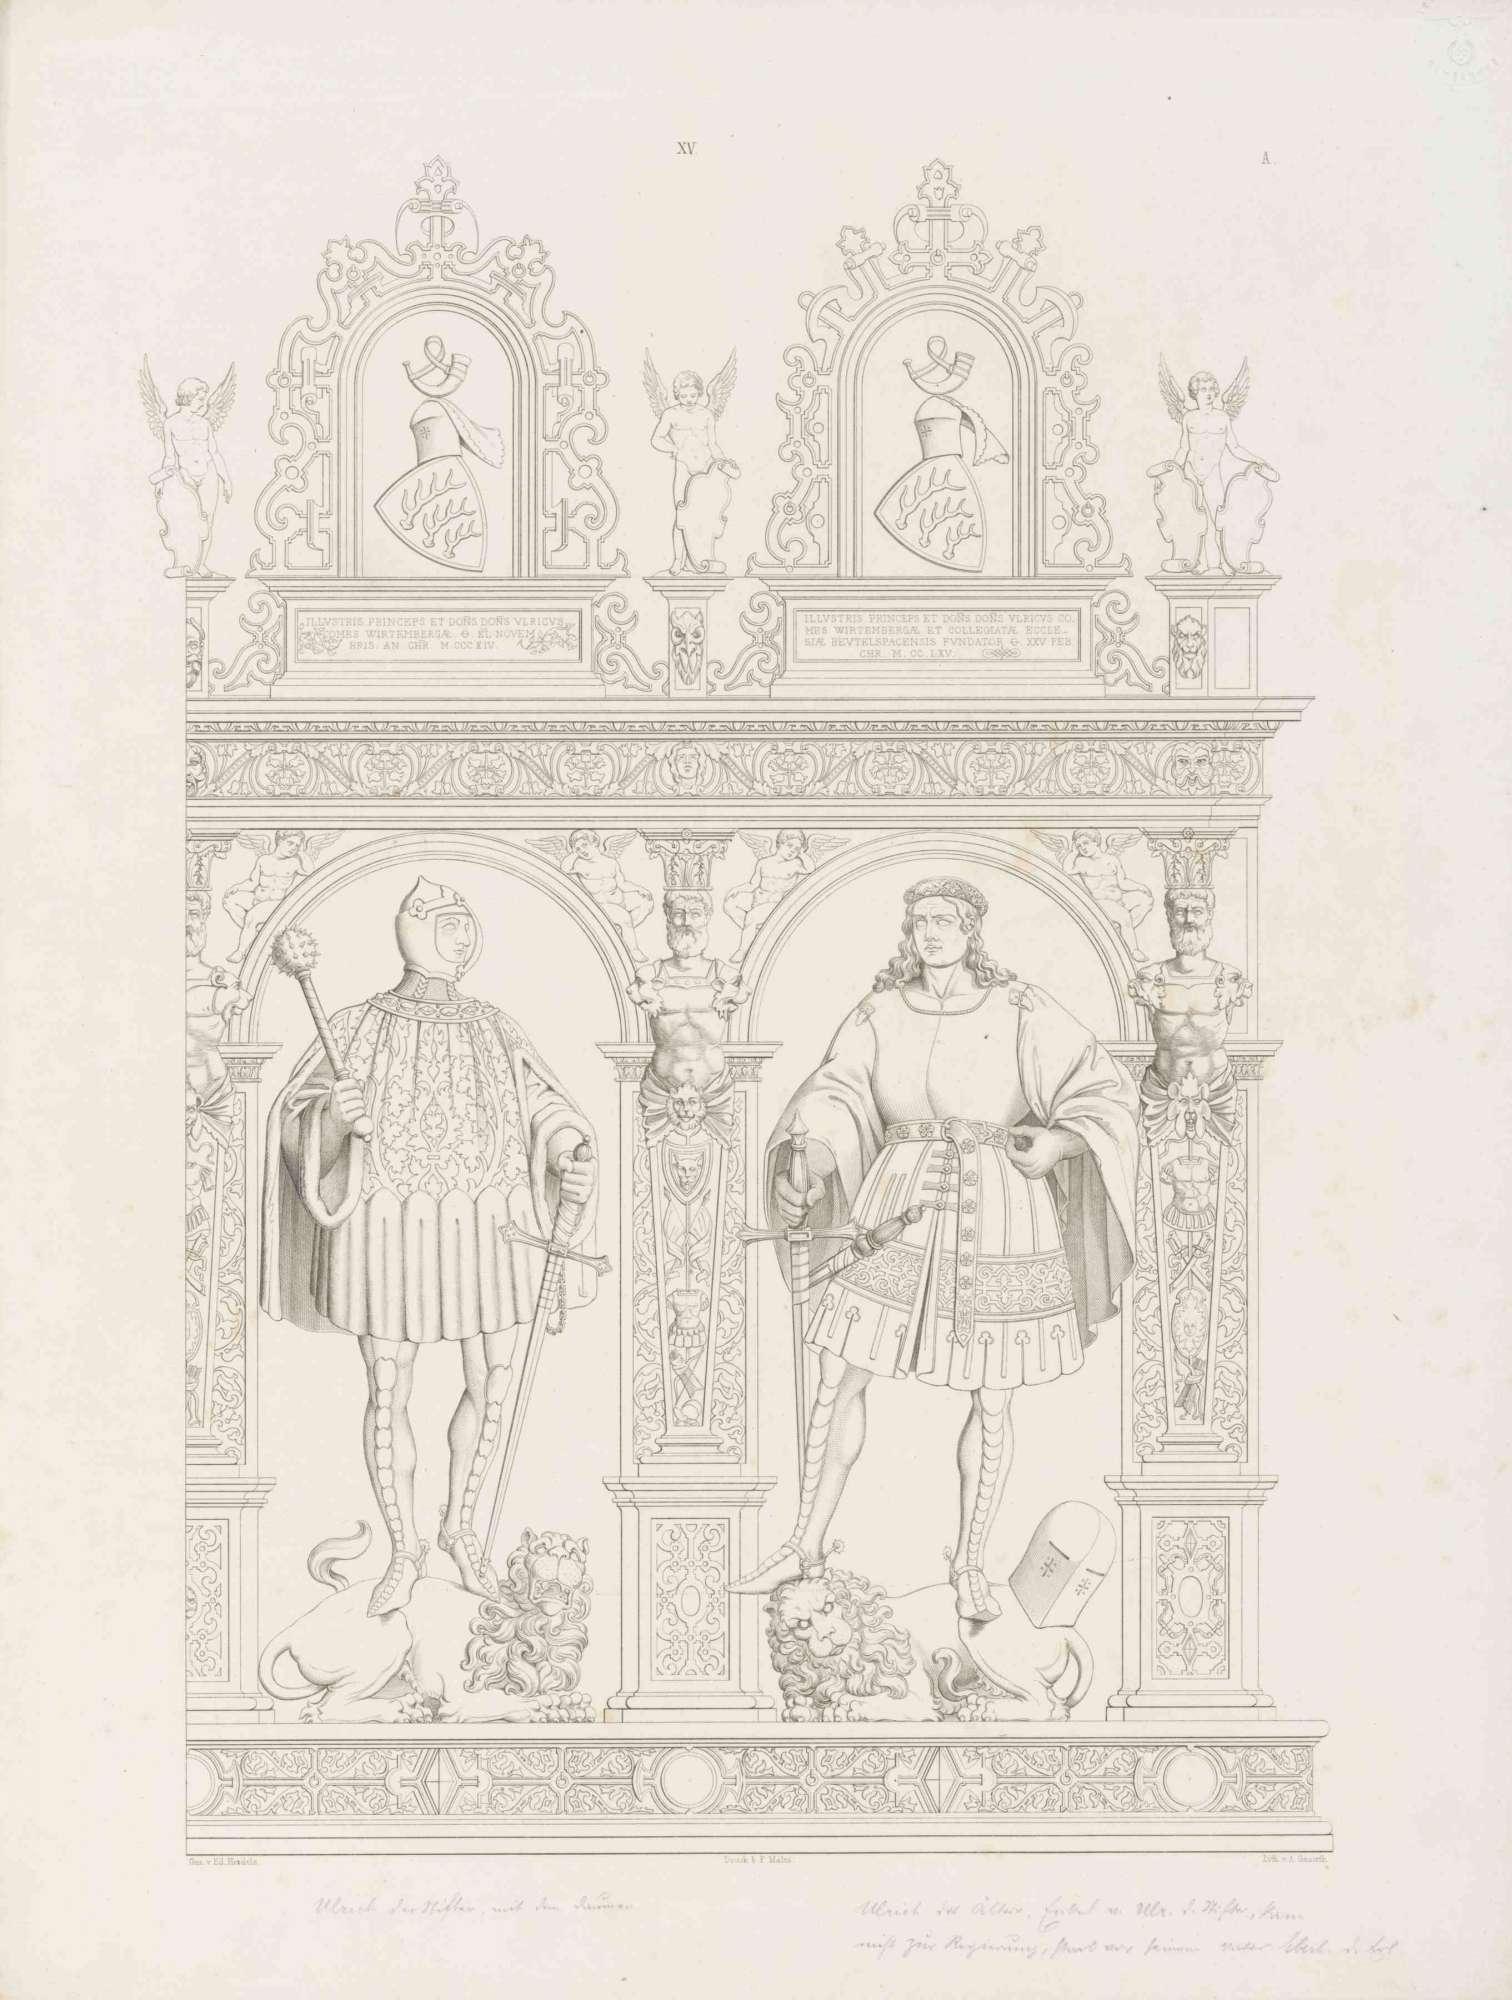 Graf Ulrich I. (der Stifter gest. 1265) und Graf Ulrich (1342 - 1388, gefallen), in Renaissancerahmen mit Wappen und Inschrift darüber, beide auf Löwen stehend, Bild 1